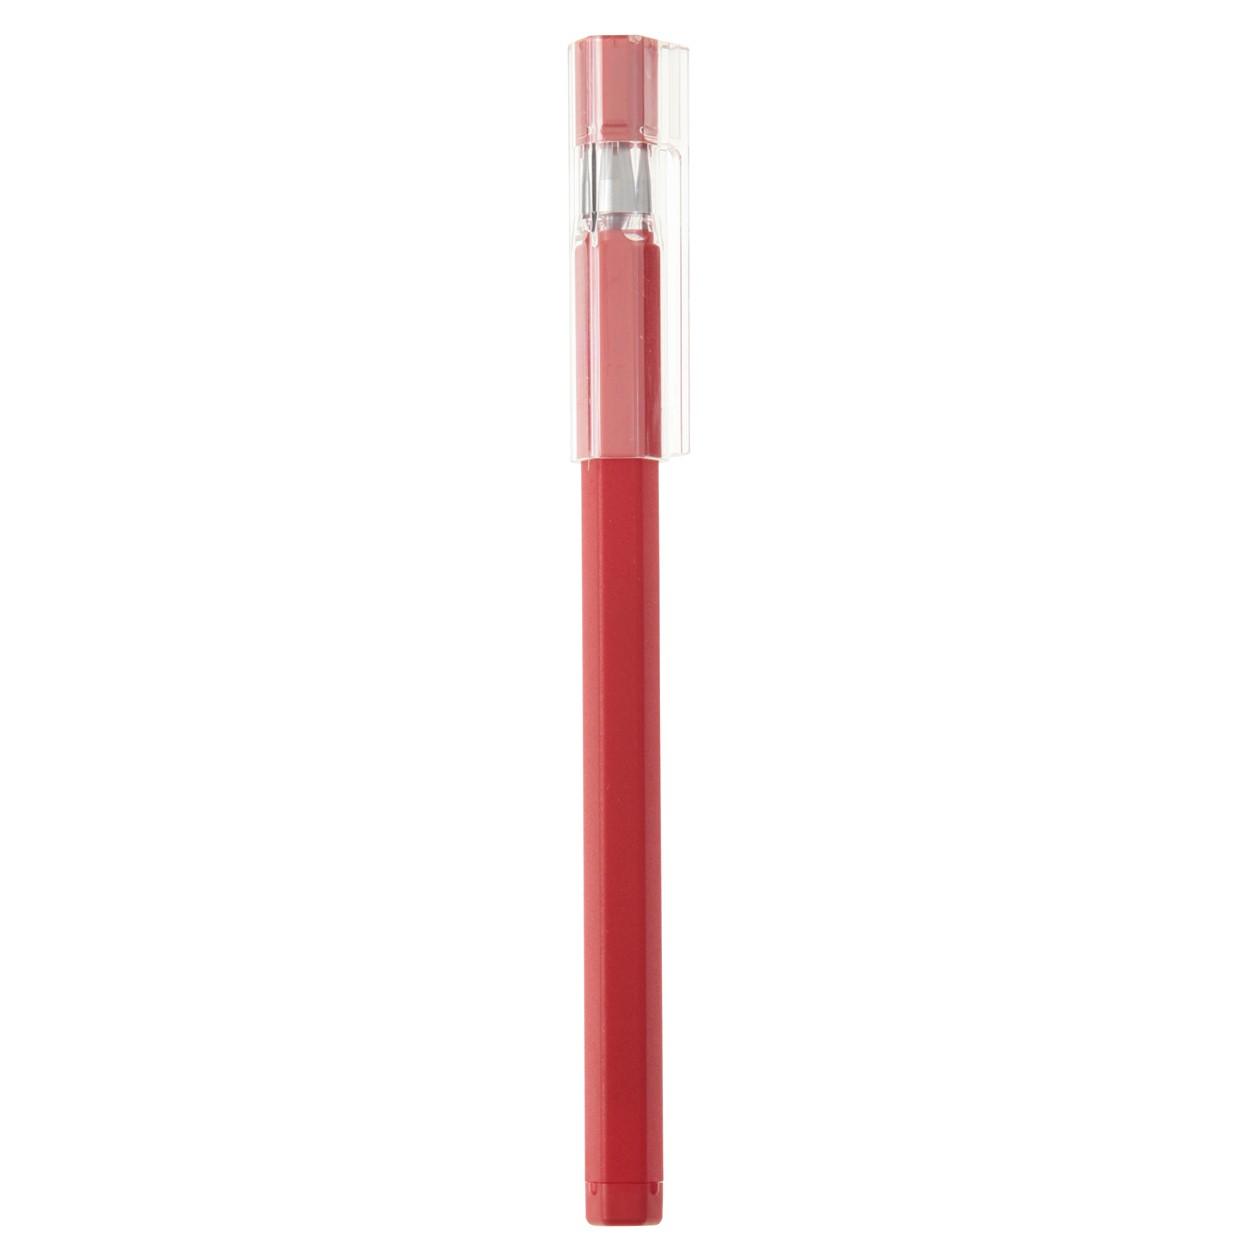 無印良品 中性ゲルインキ六角ボールペン 0.25 1枚目